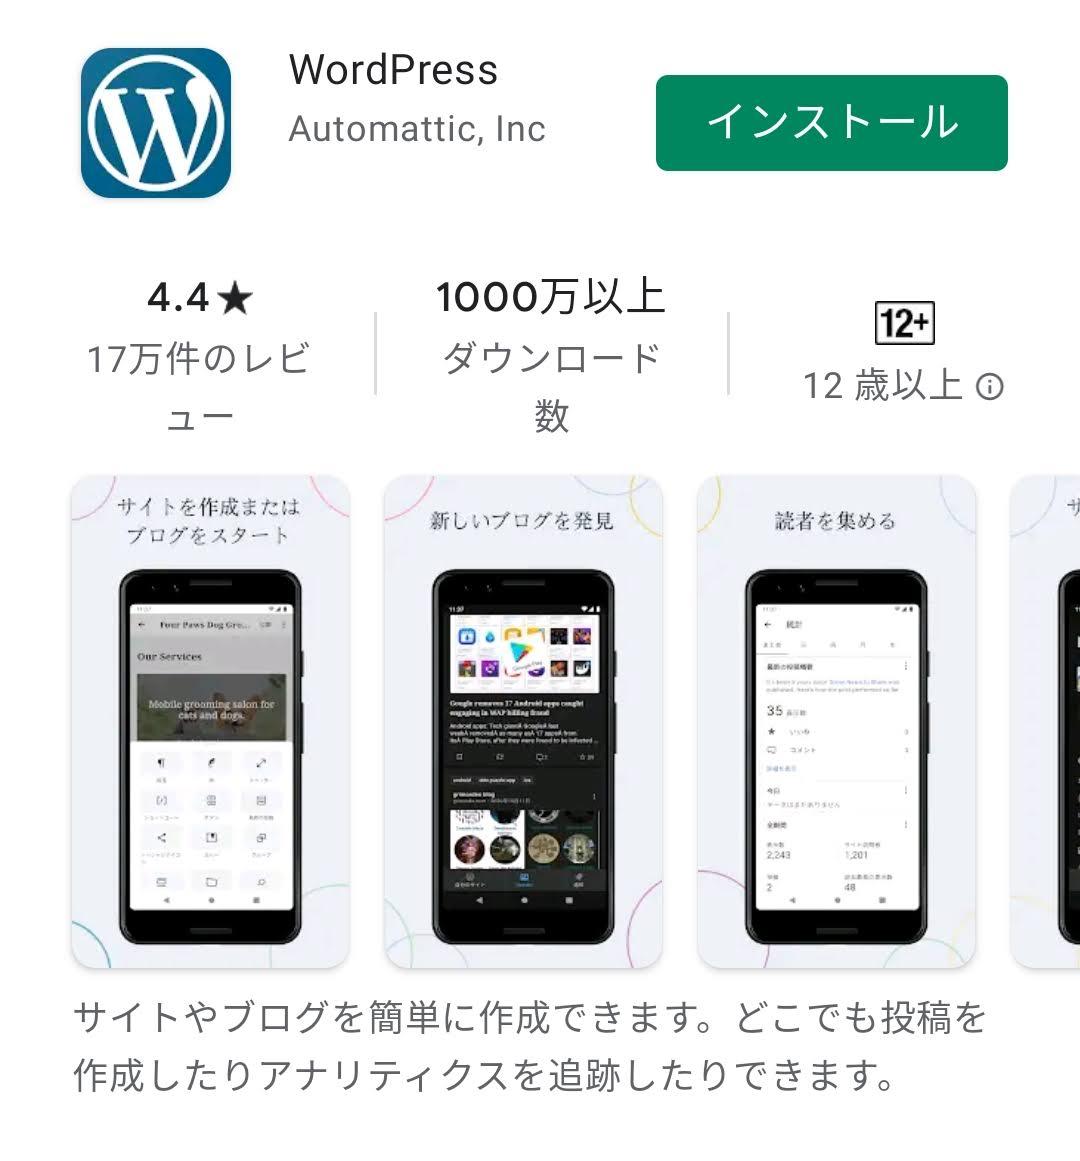 スマホでWordPressを始める方法